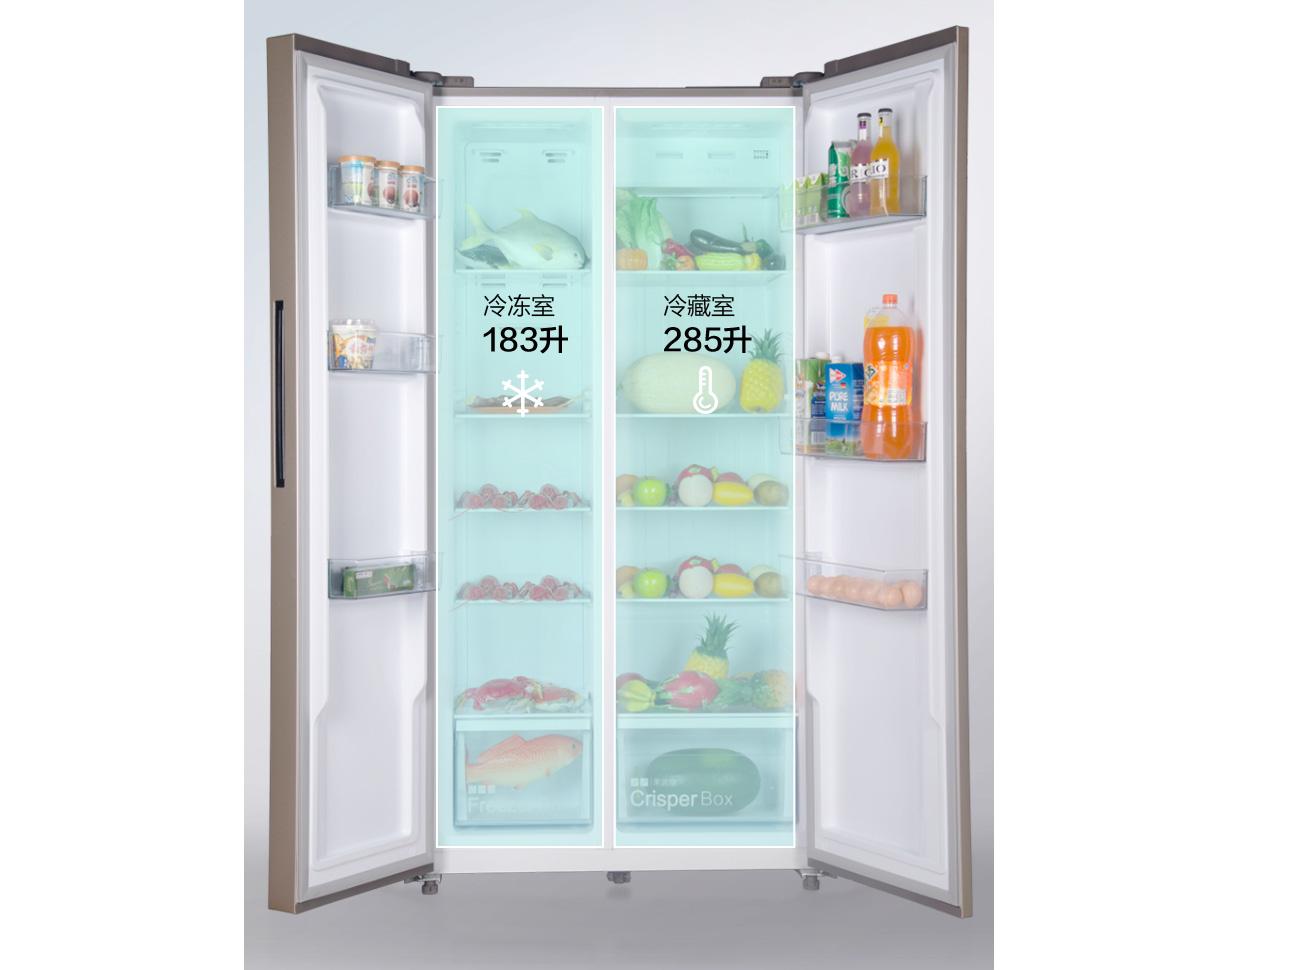 苏宁极物小Biu出手不逊小米,左右对开门冰箱仅1999元